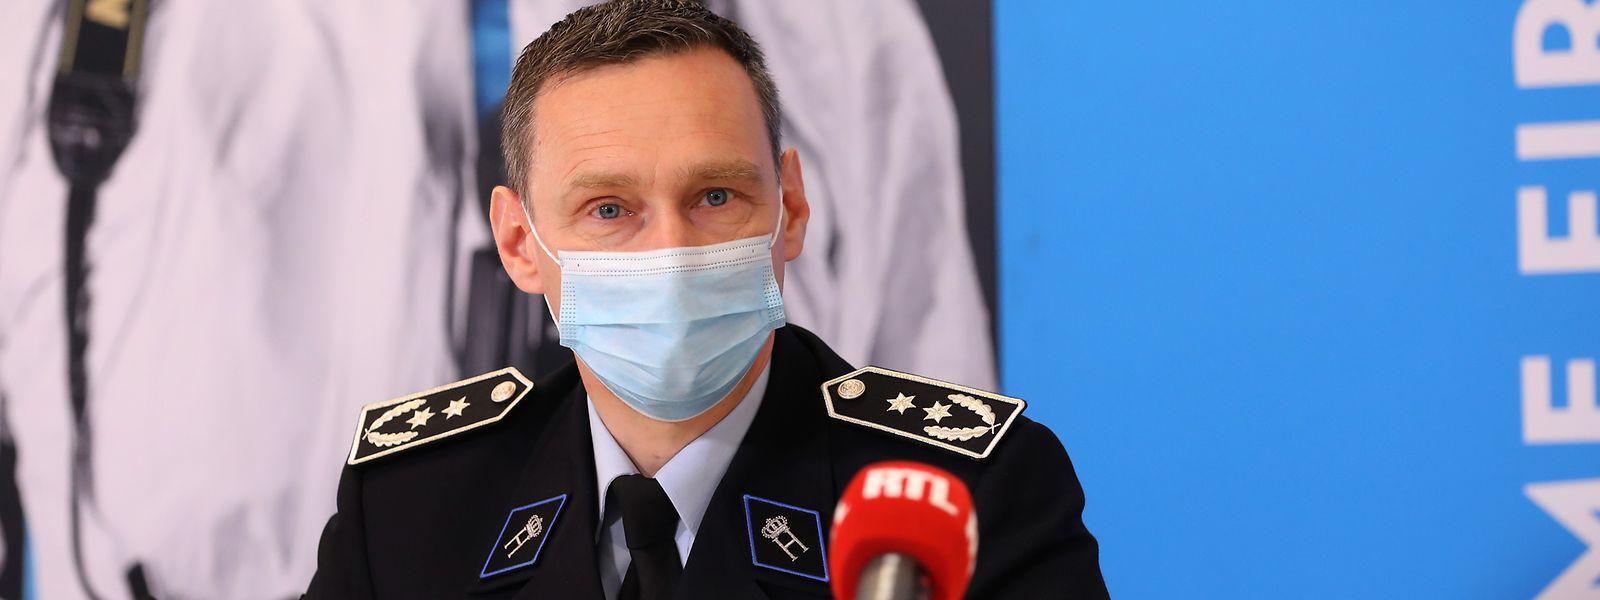 La police grand-ducale a rendu ce vendredi son rapport de 2020 sur la délinquance